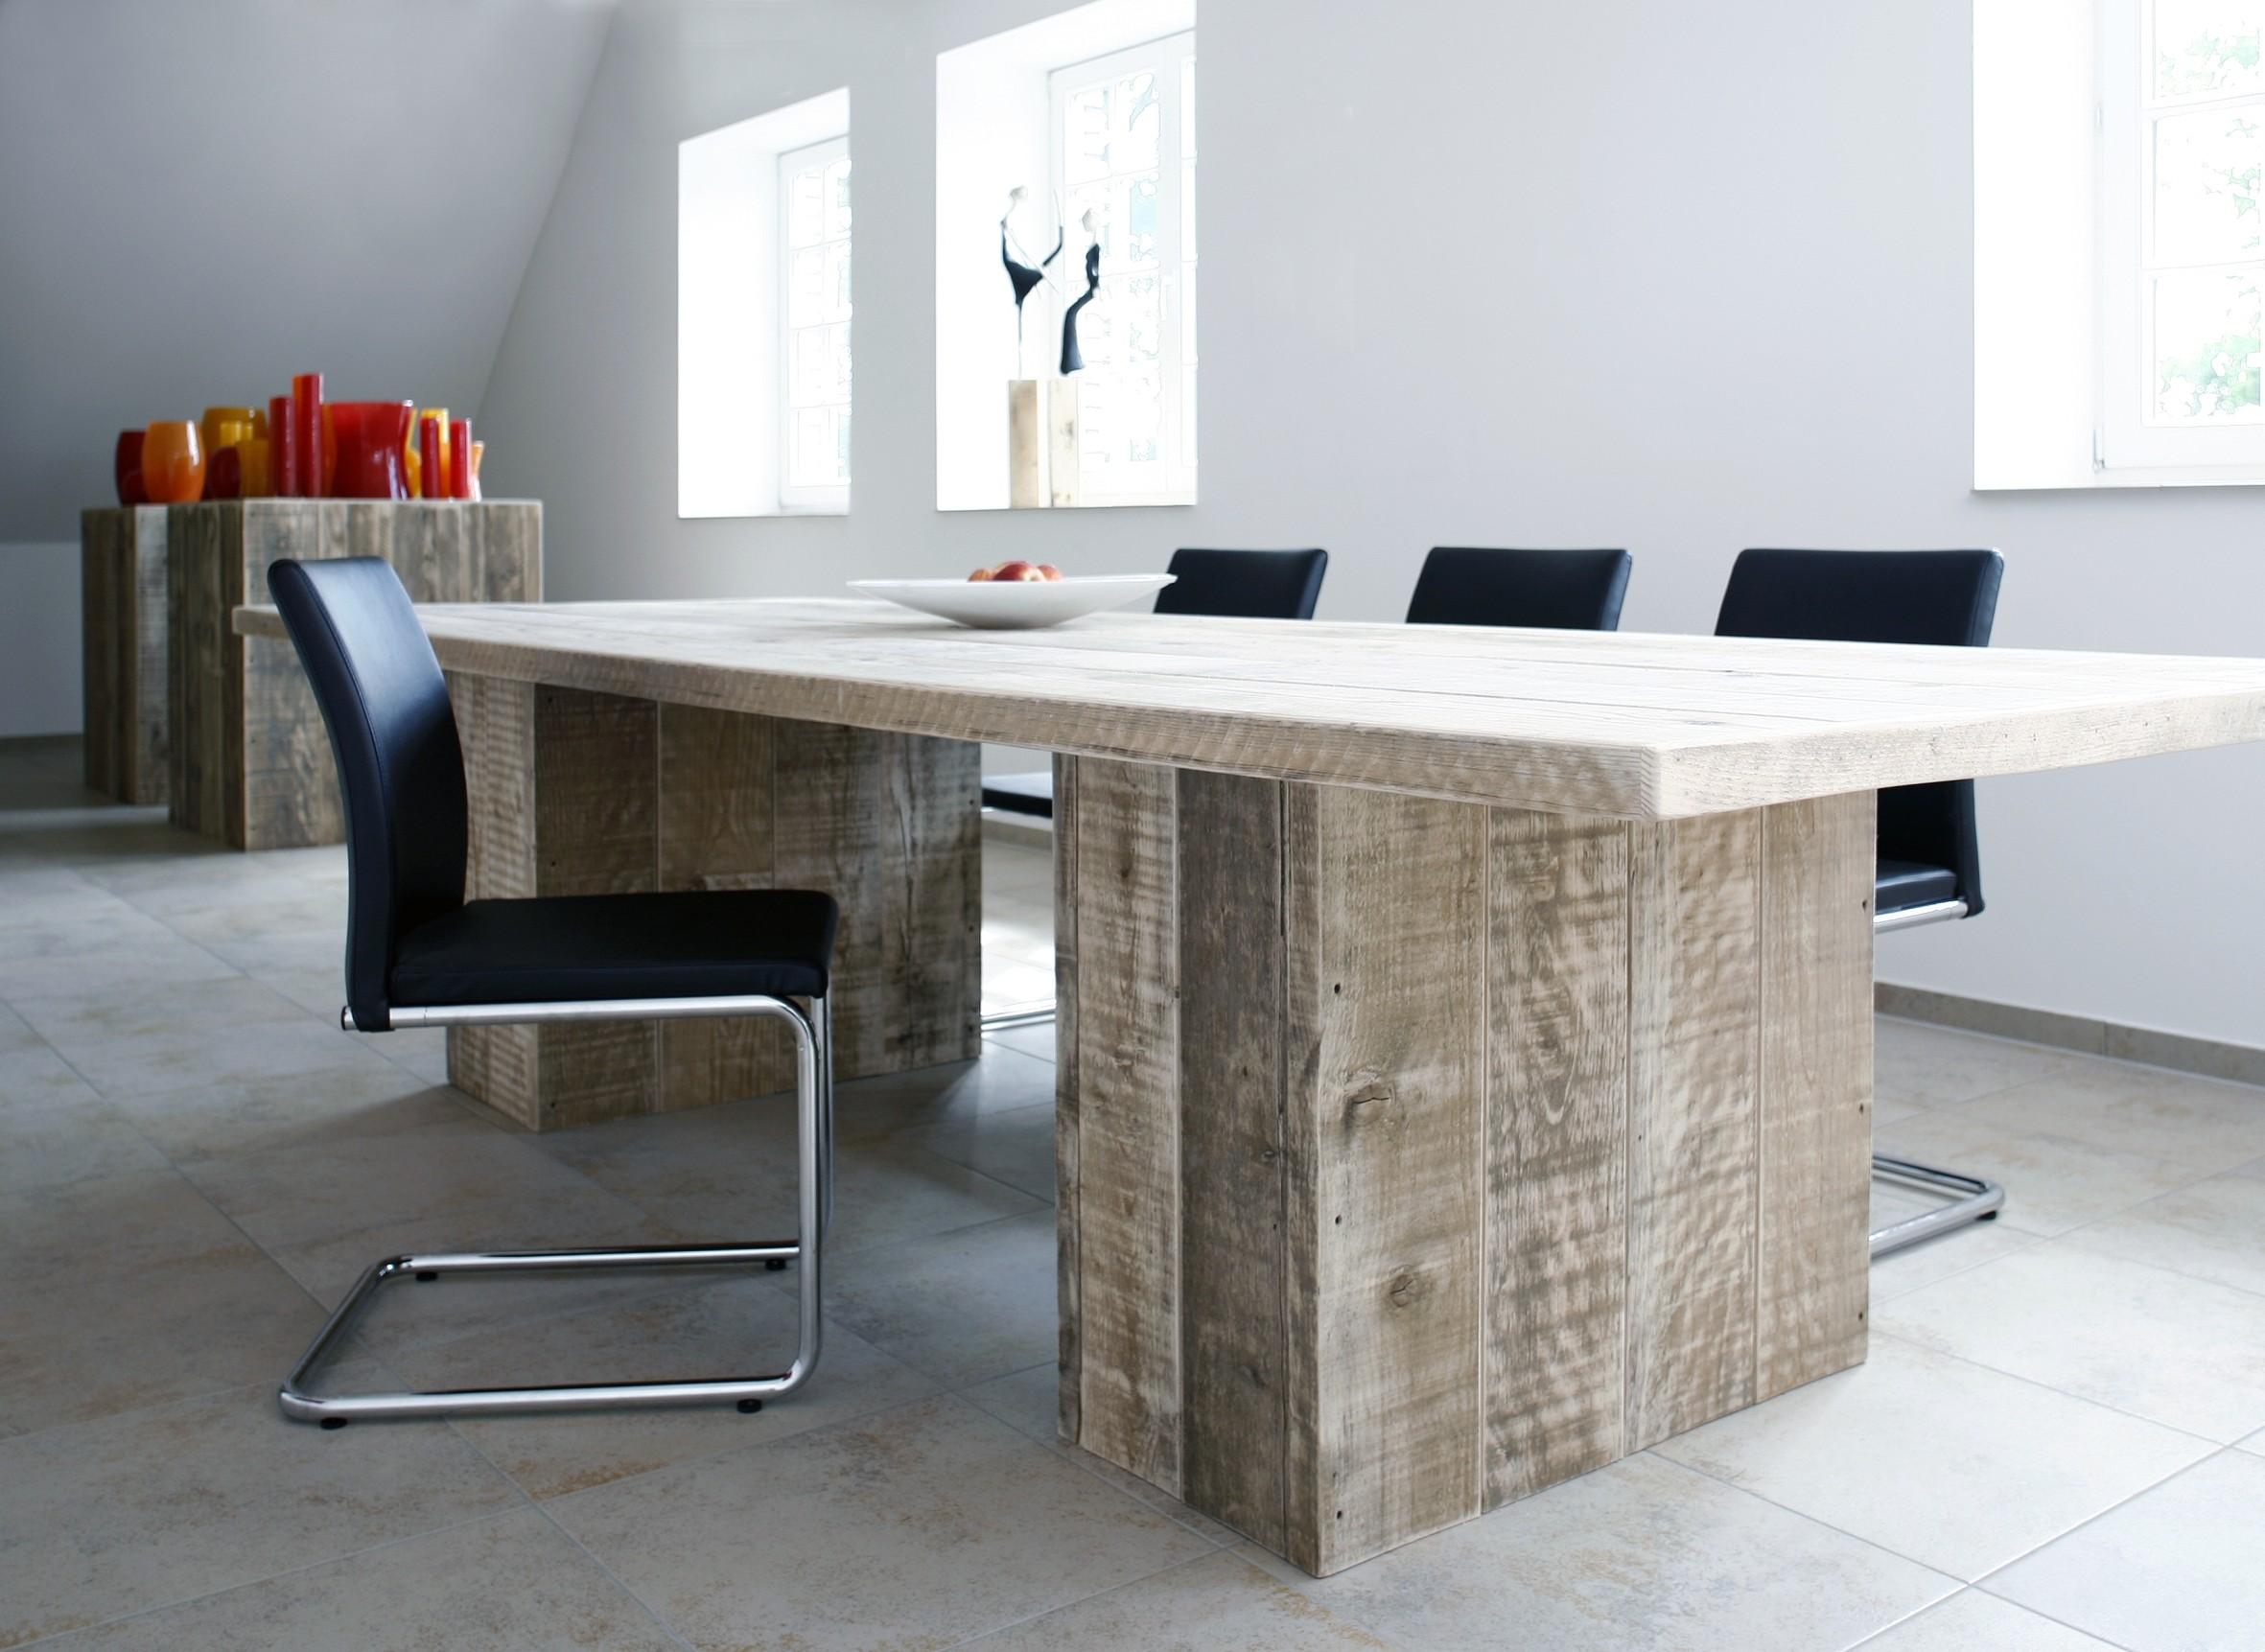 Bauholz Design bauholz design tisch aus gebrauchten bohlen